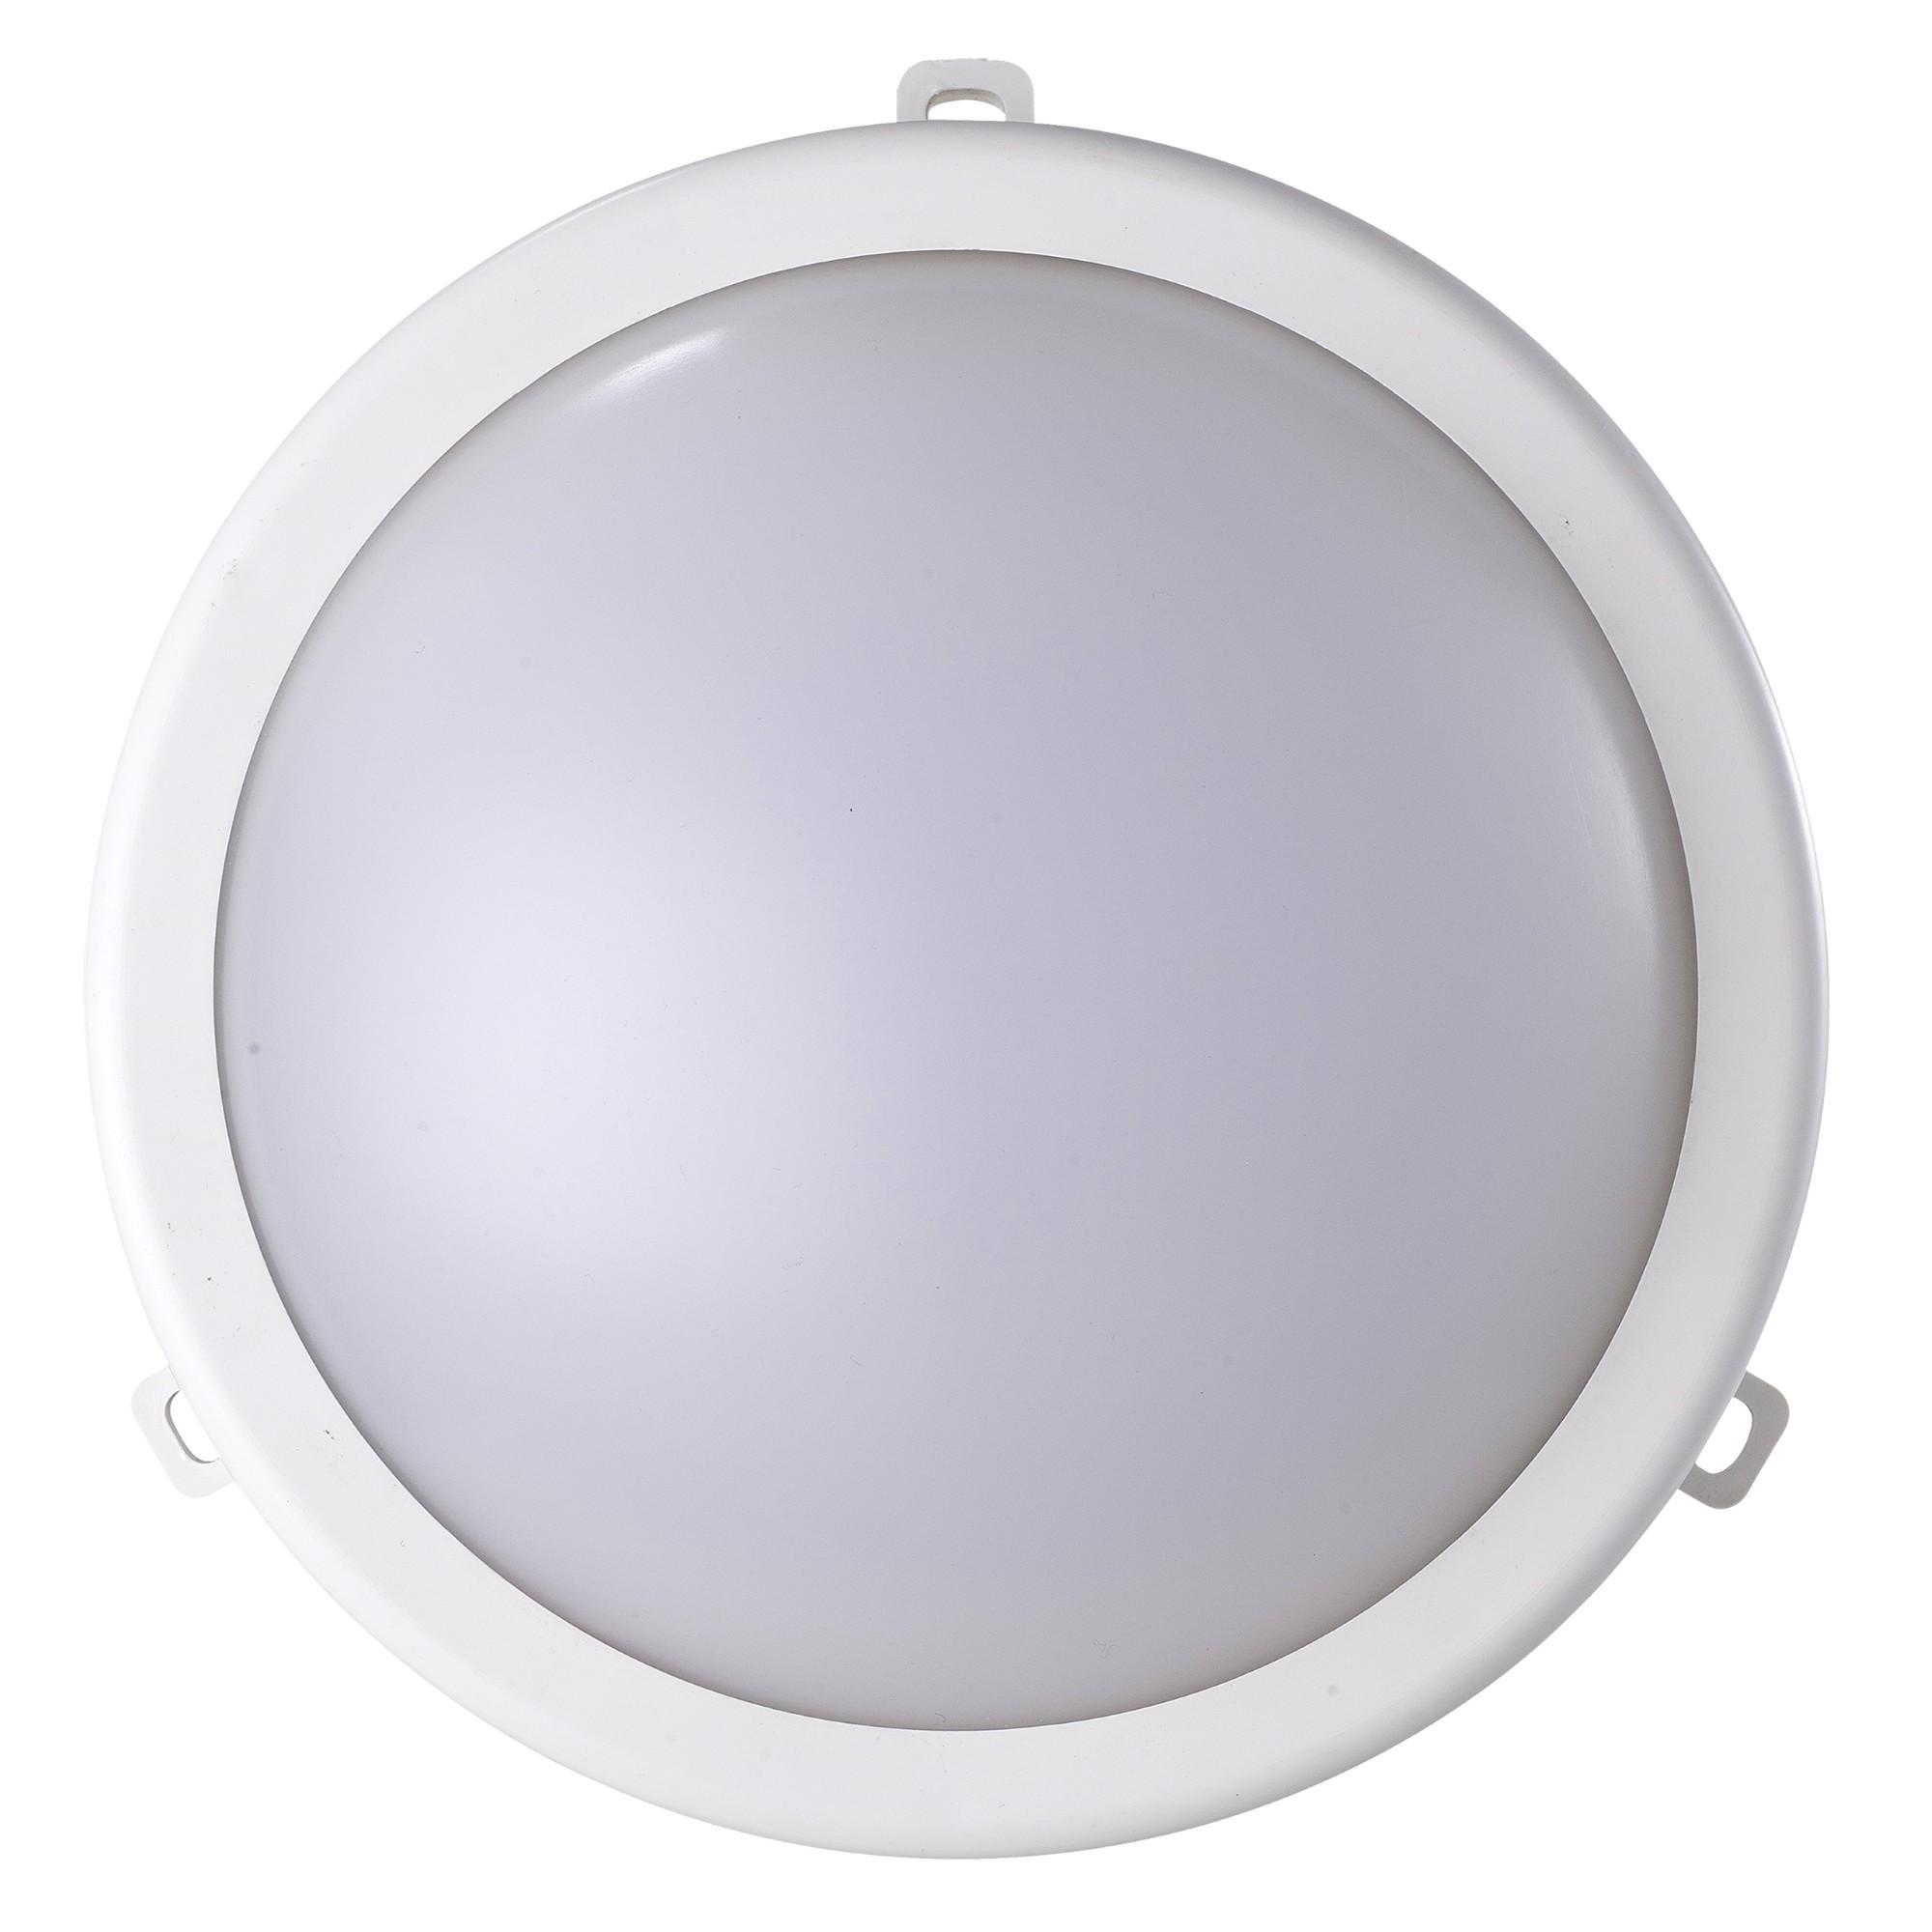 Luminaria LED de Sobrepor em Policarbonato Bivolt 12W - Ecoforce